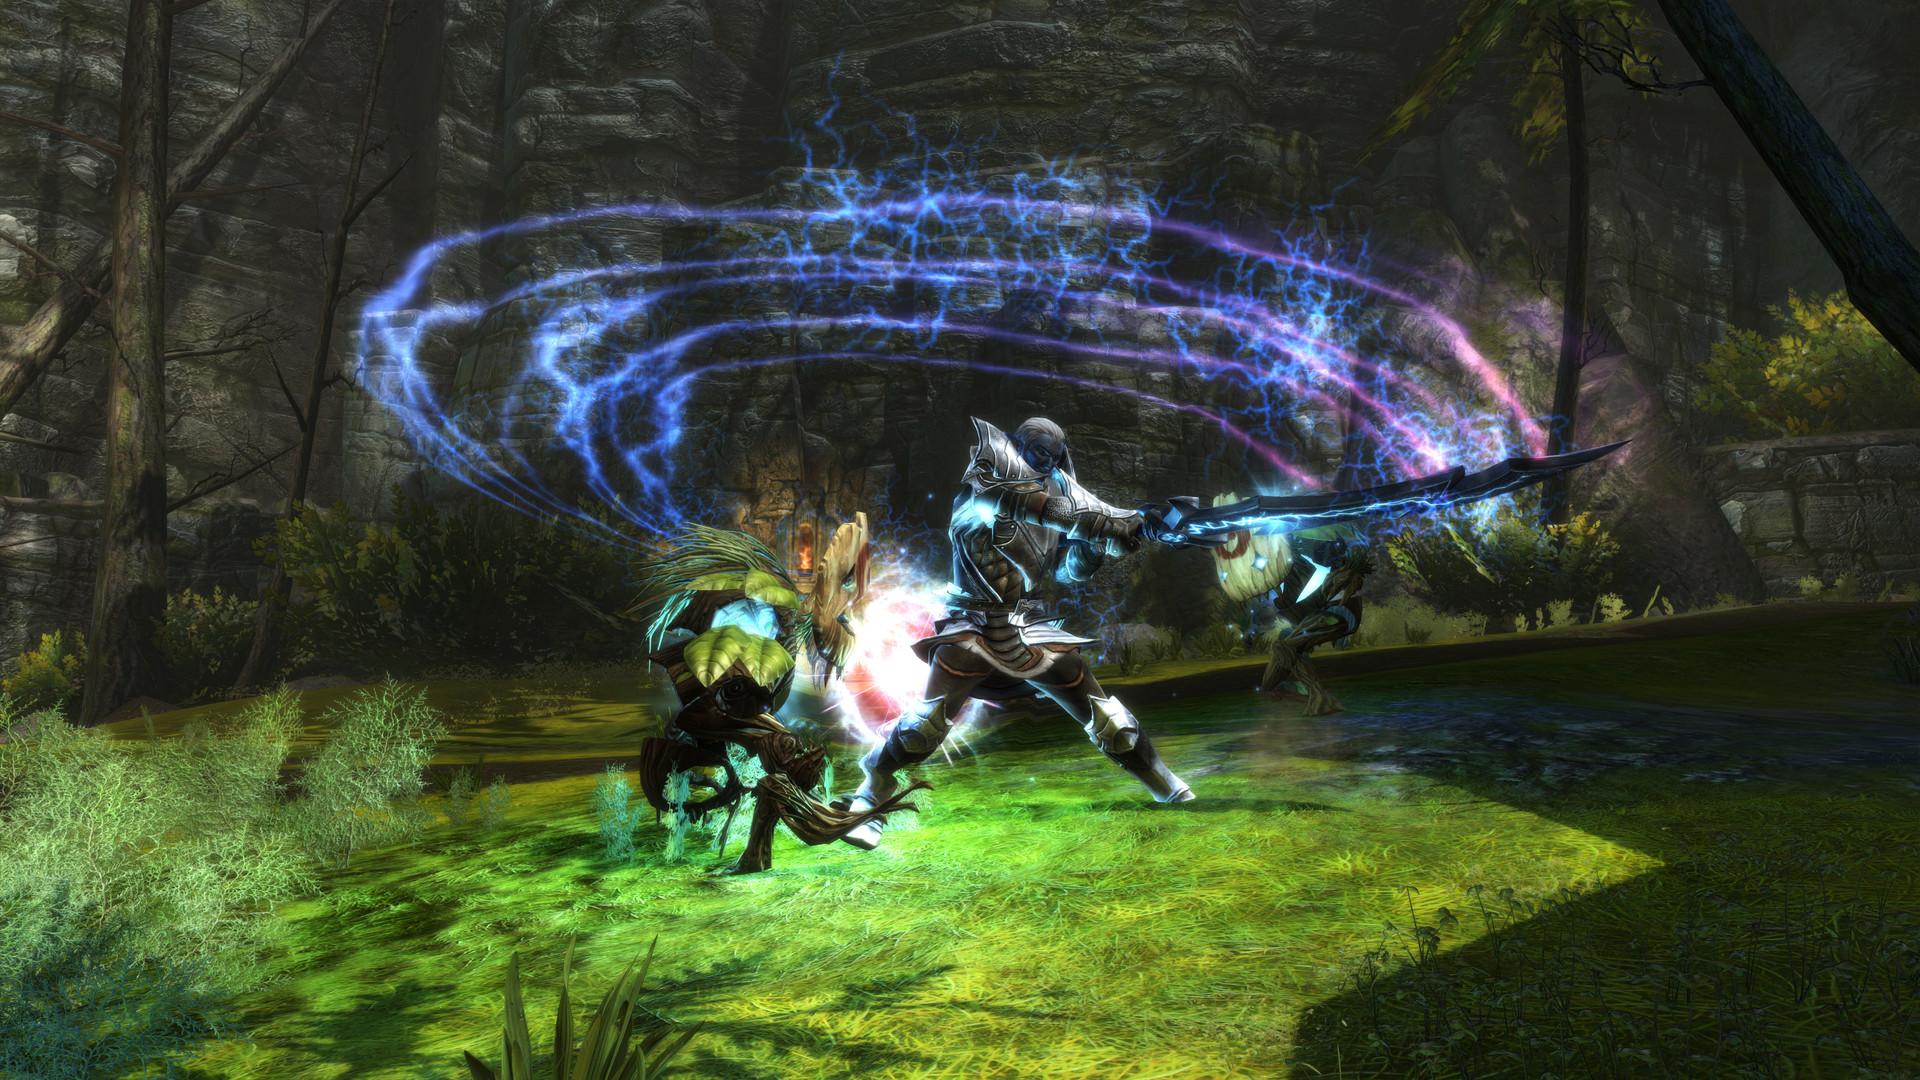 阿玛拉王国:惩罚 重置版 RPG新游